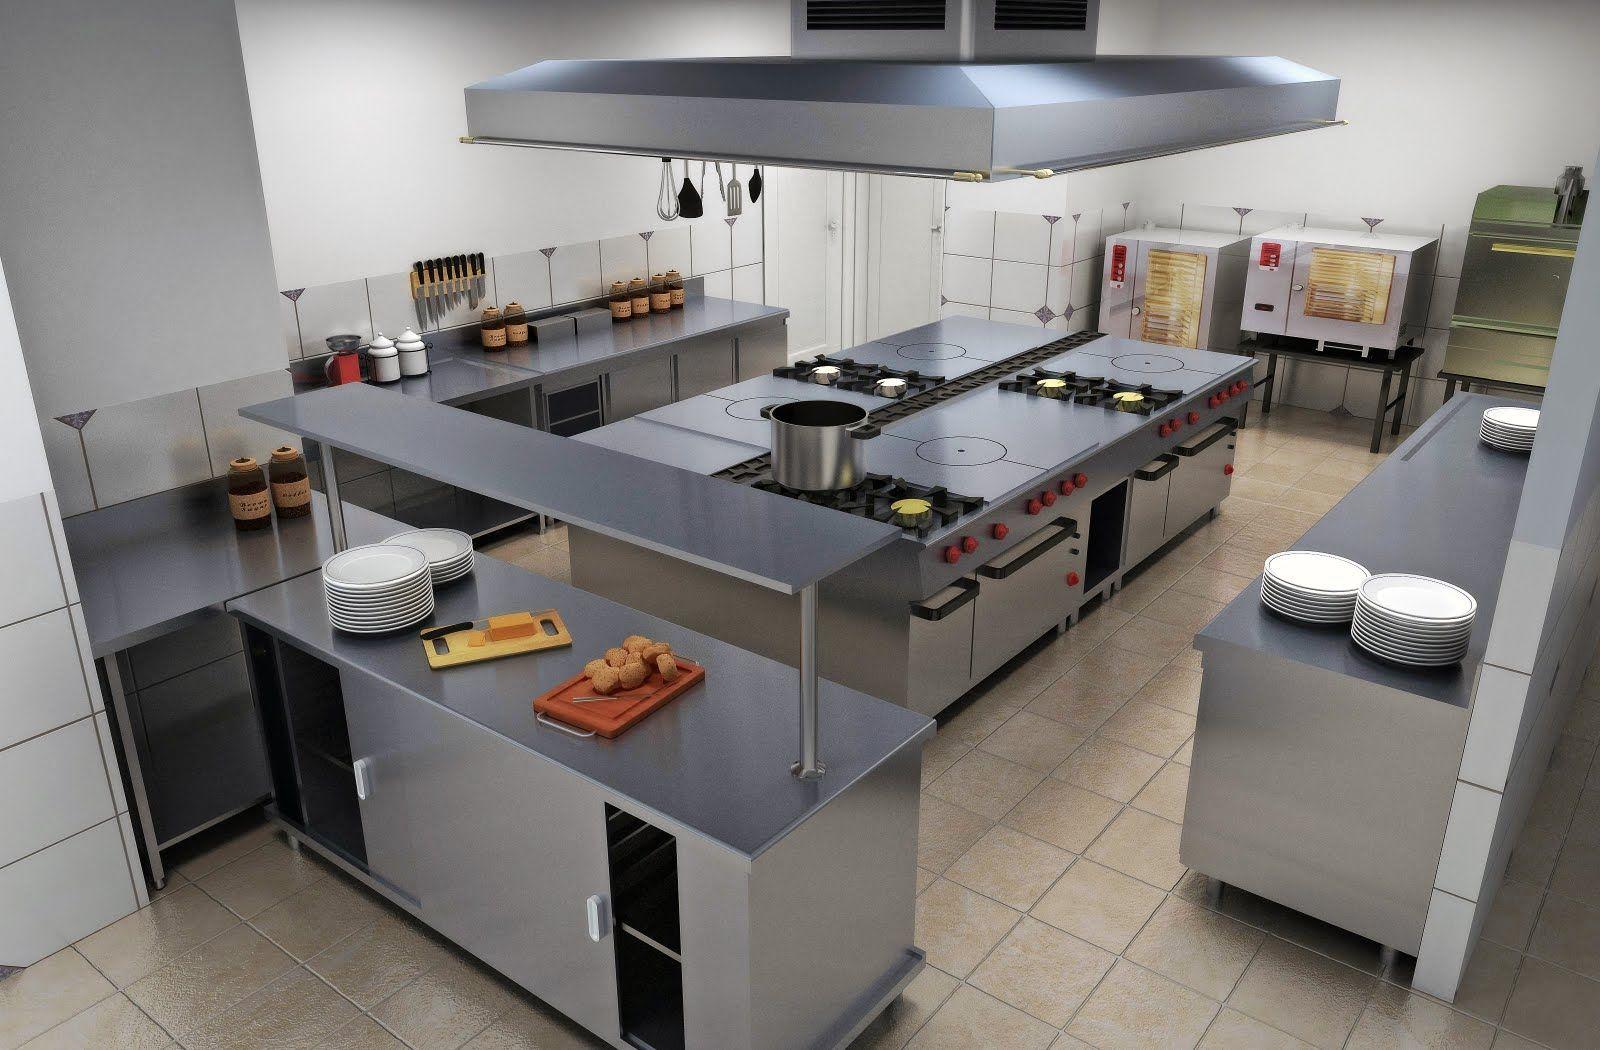 Imagenes de cocinas para restaurantes de b squeda for Dibujos de cocina